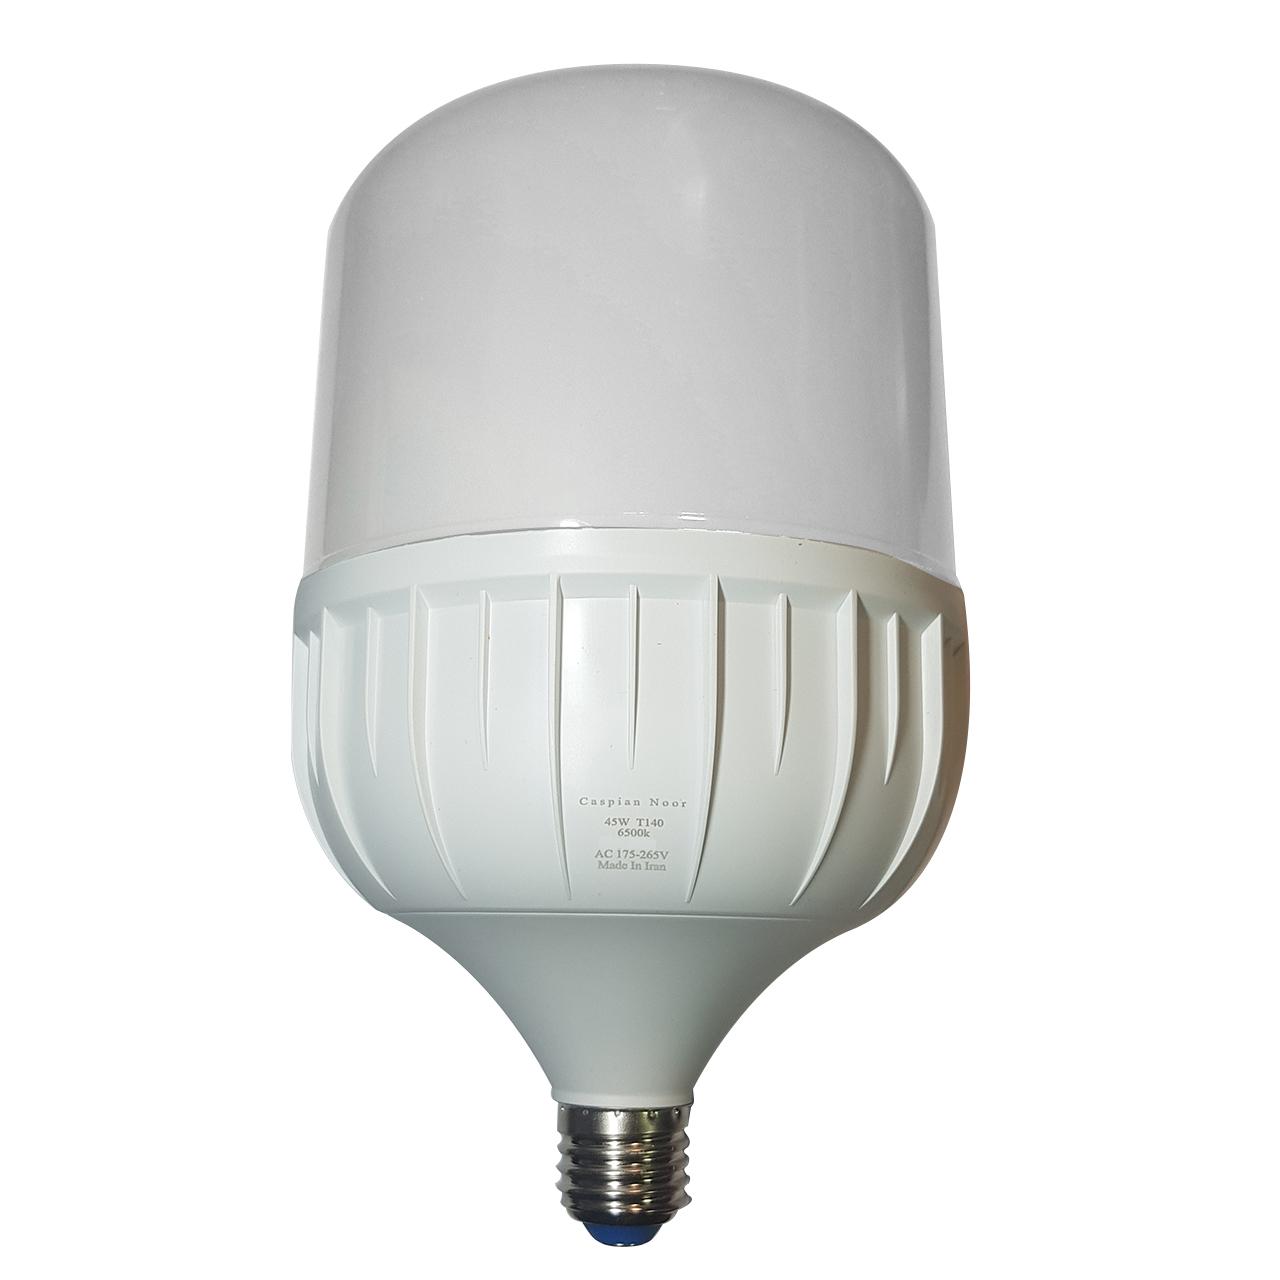 لامپ ال ای دی 45 وات کاسپین نور مدل CA-25 پایه E27